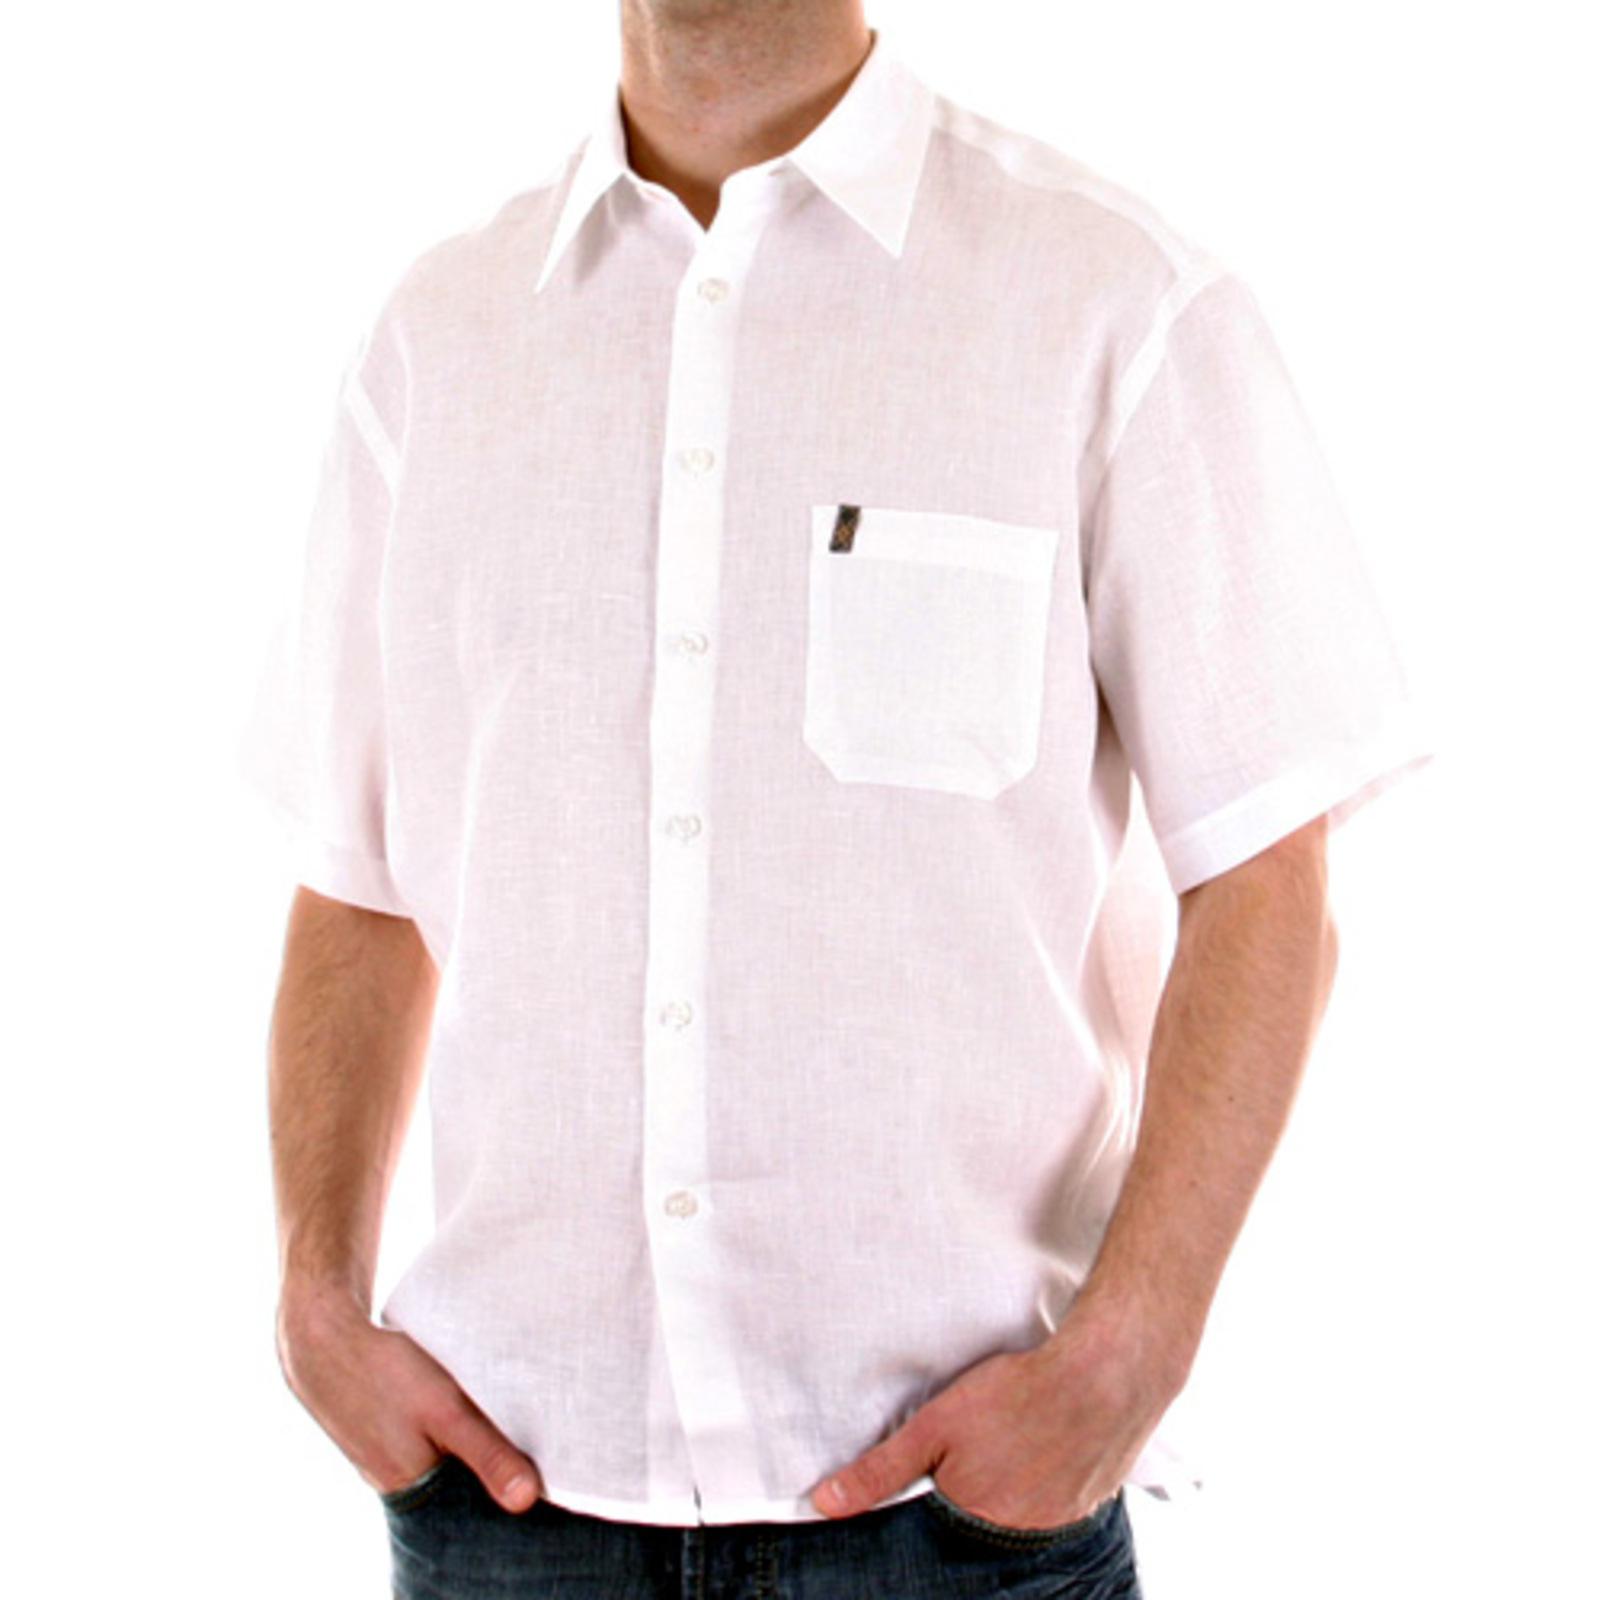 Burberry white linen mens short sleeve shirt at togged for Mens short sleeve linen dress shirts